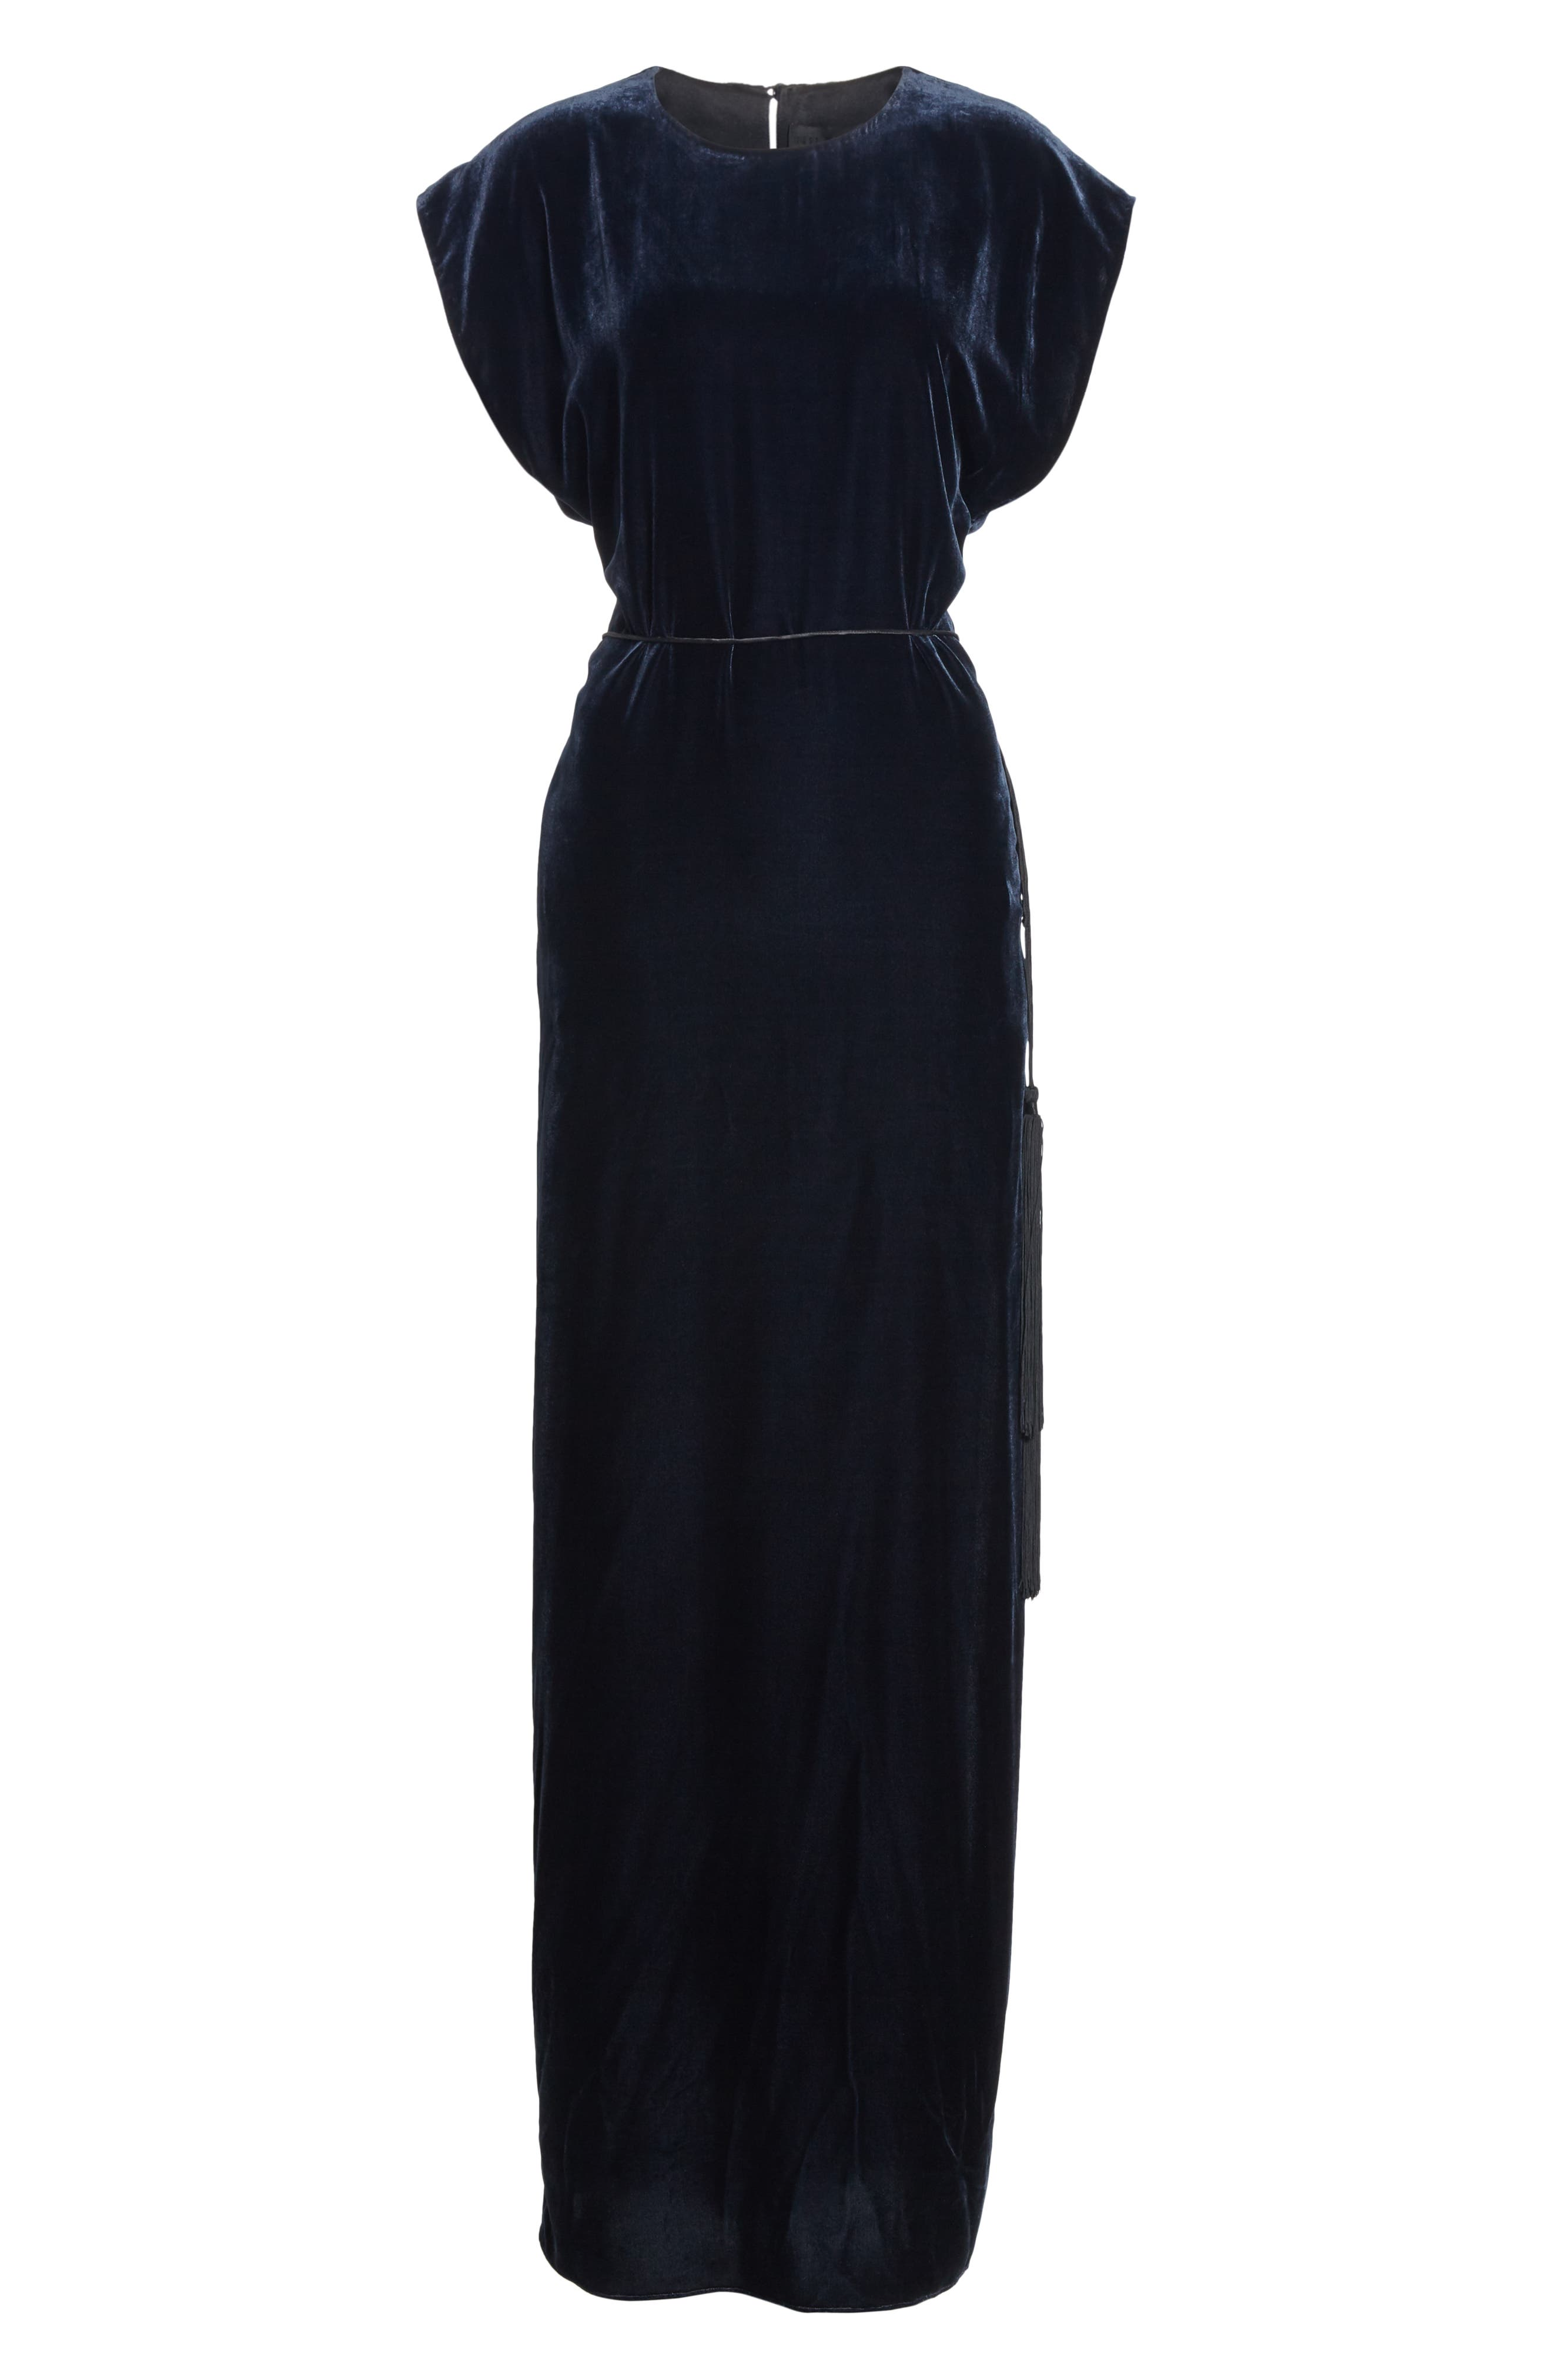 NILI LOTAN, Lillian Velvet Dress, Alternate thumbnail 6, color, DARK NAVY